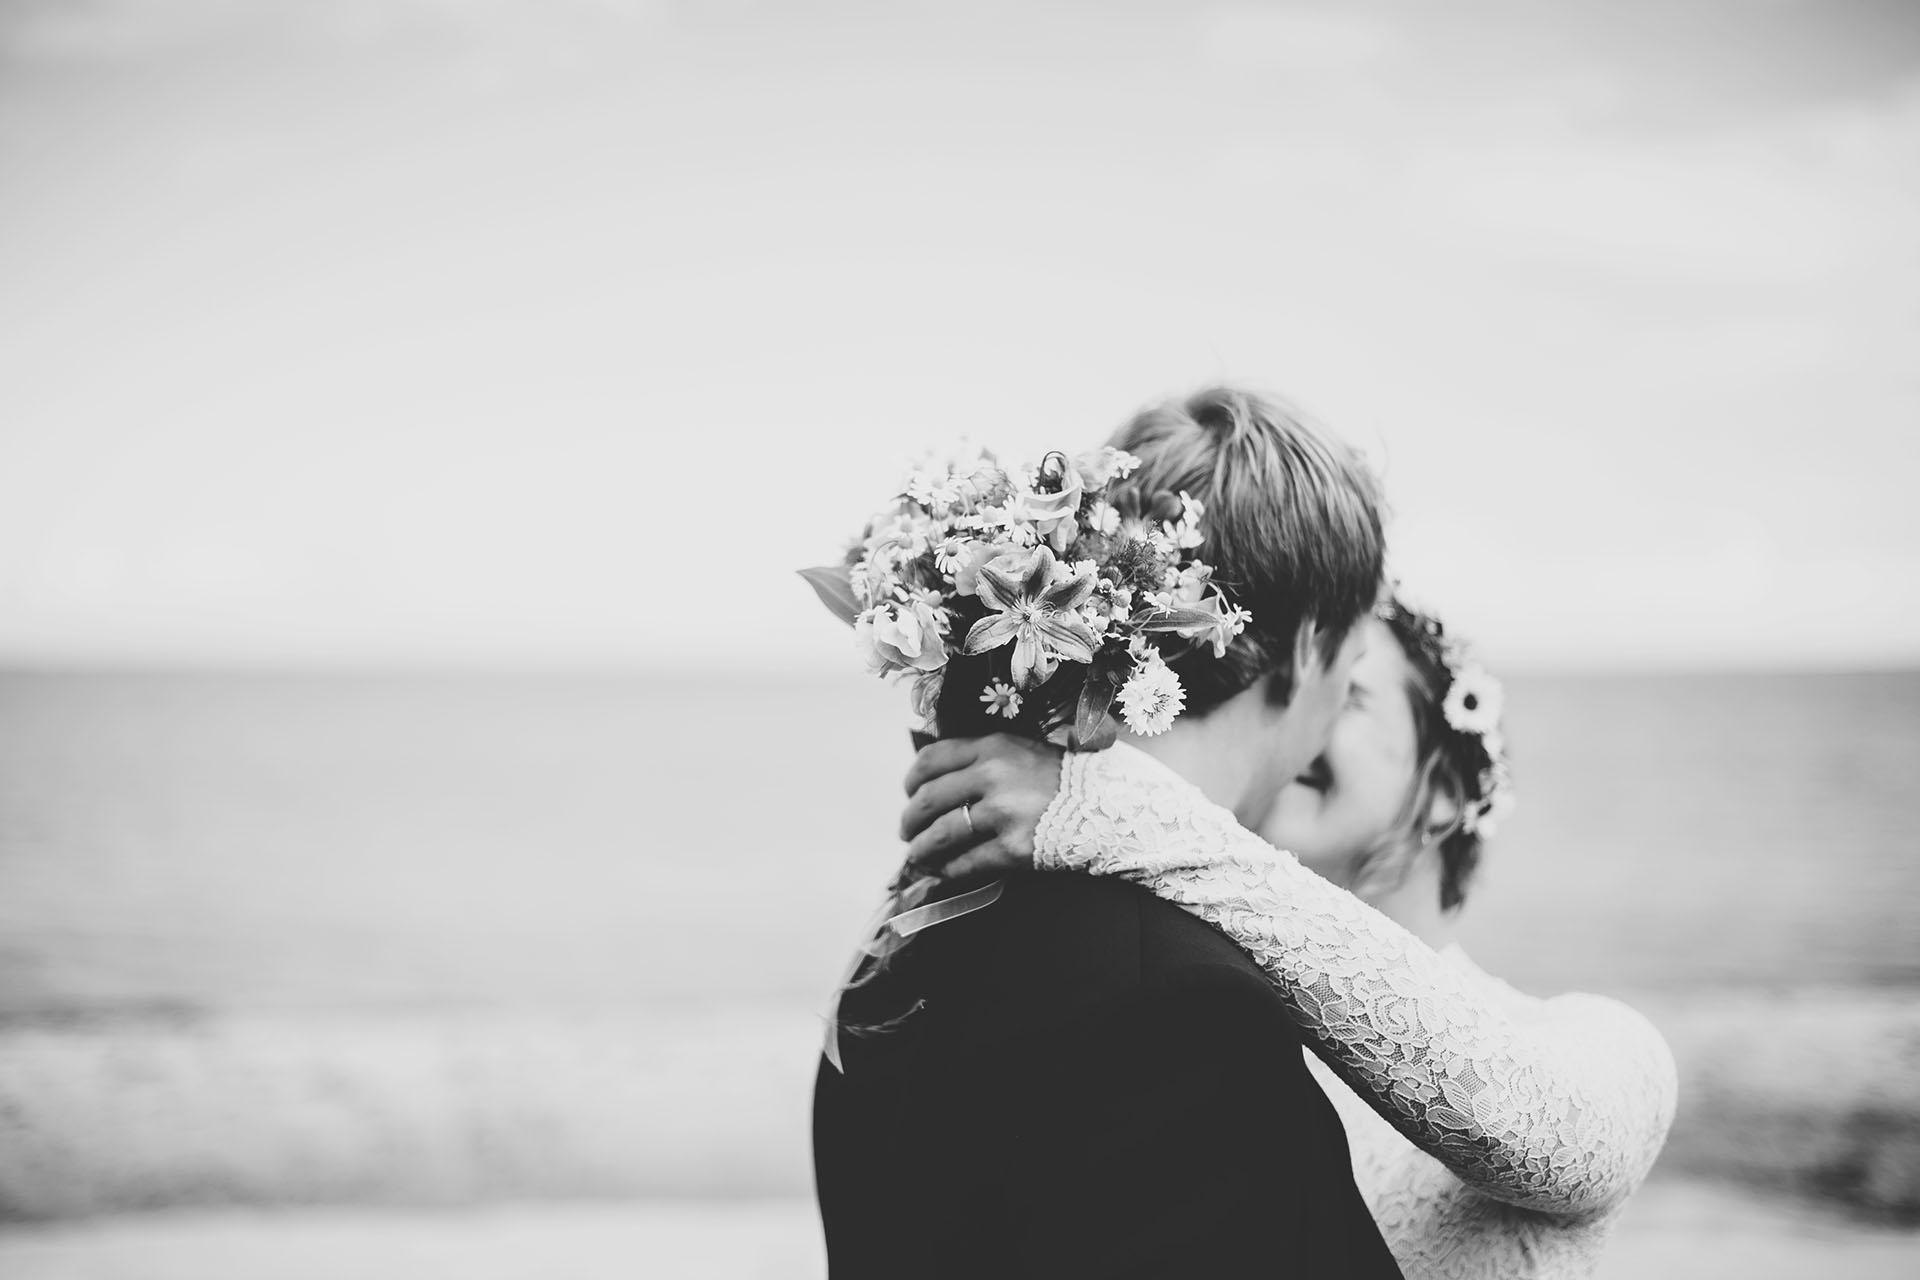 Hochzeitsfotos Münster: unscharfes Bild vom Kuss am Strand